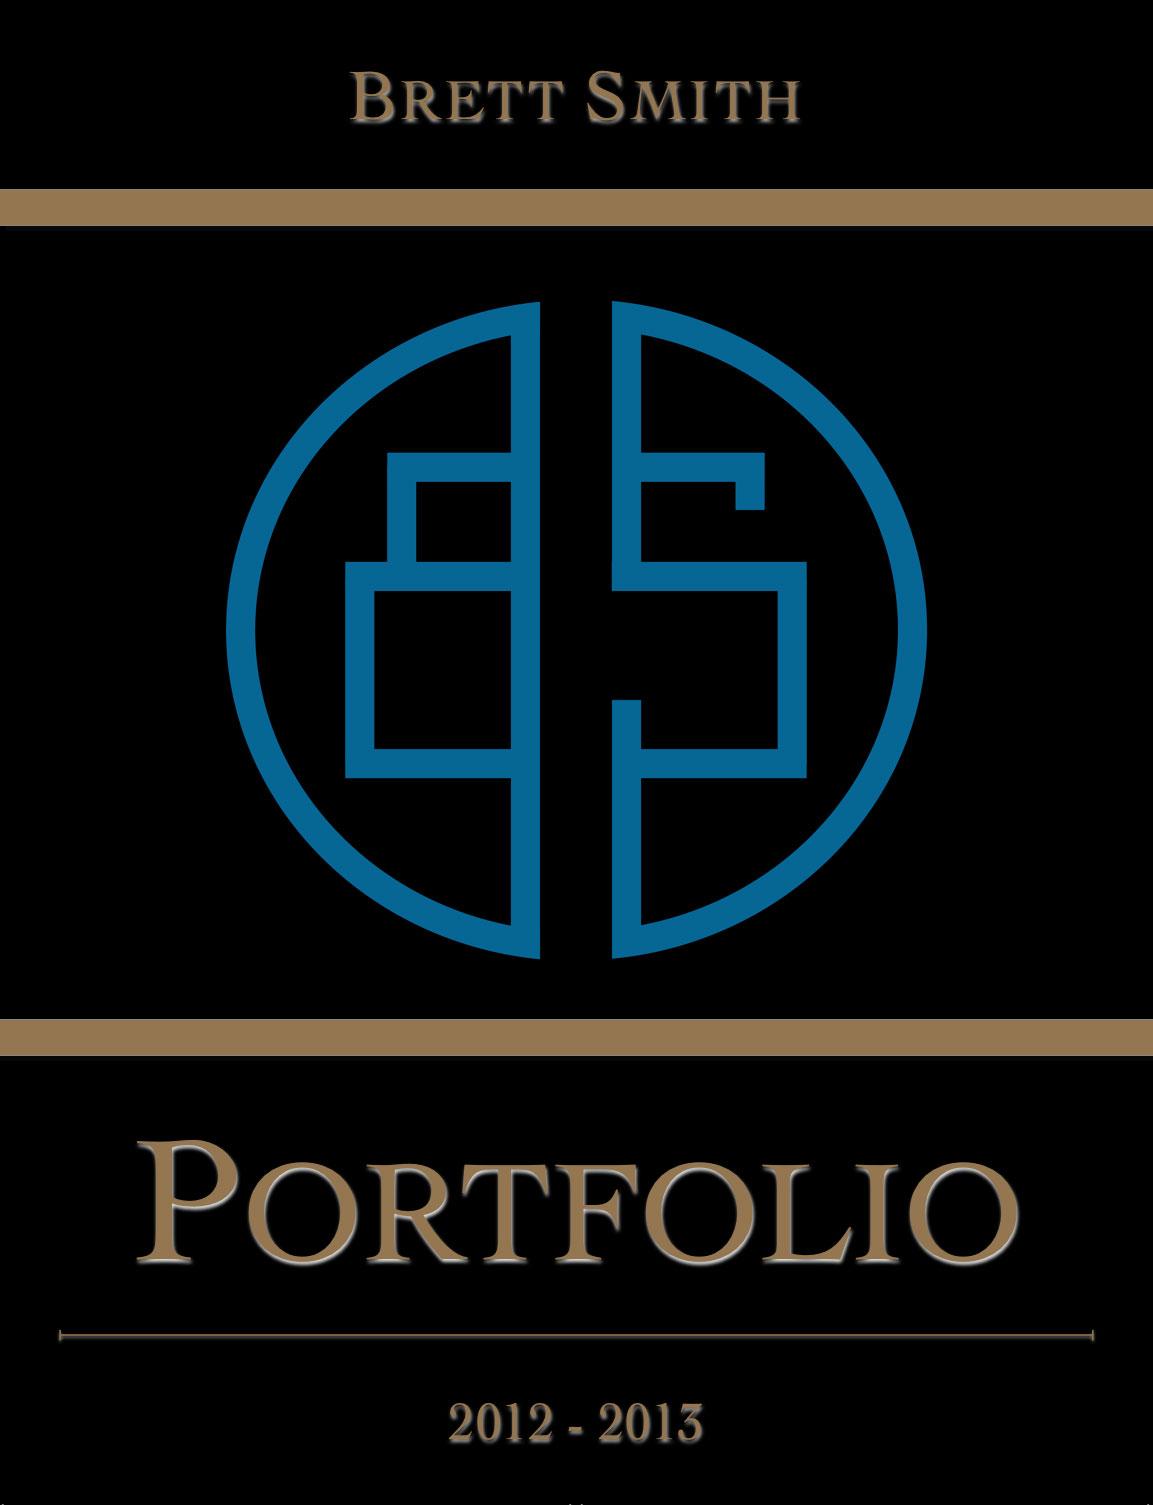 Brett-portfolio-Cover.jpg